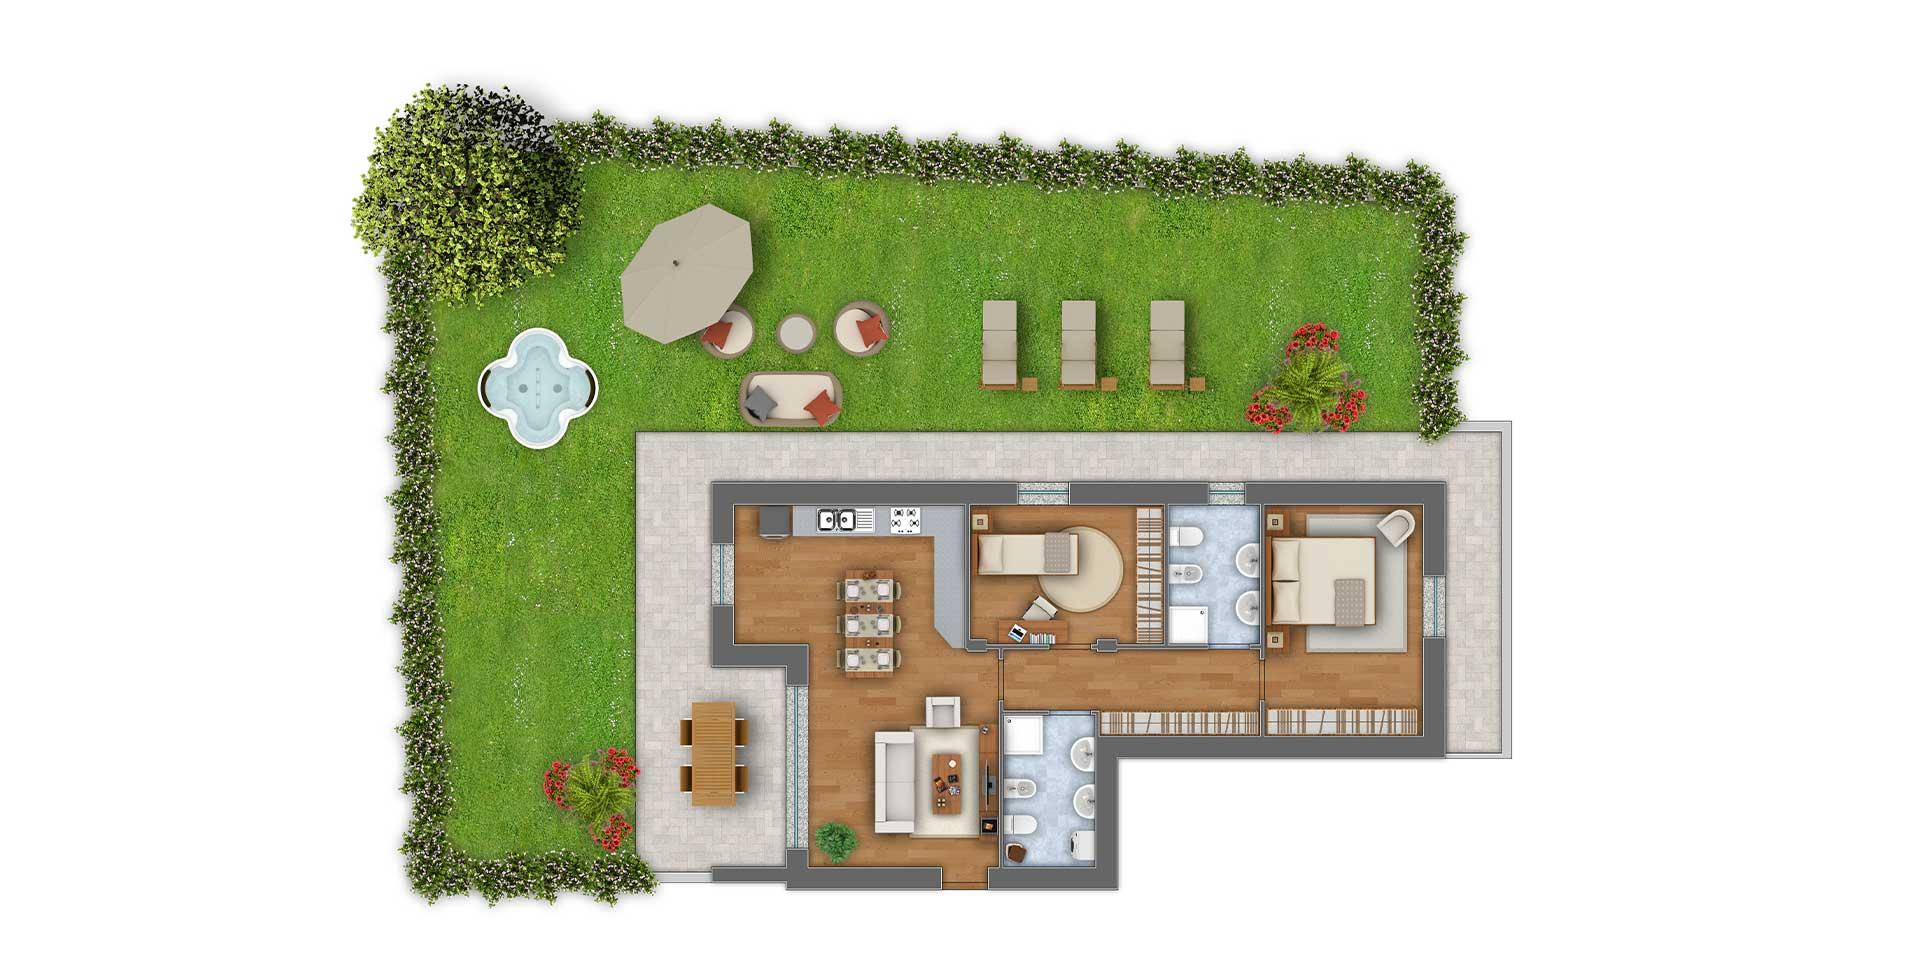 Girasoli 2 trilocale appartamento 02